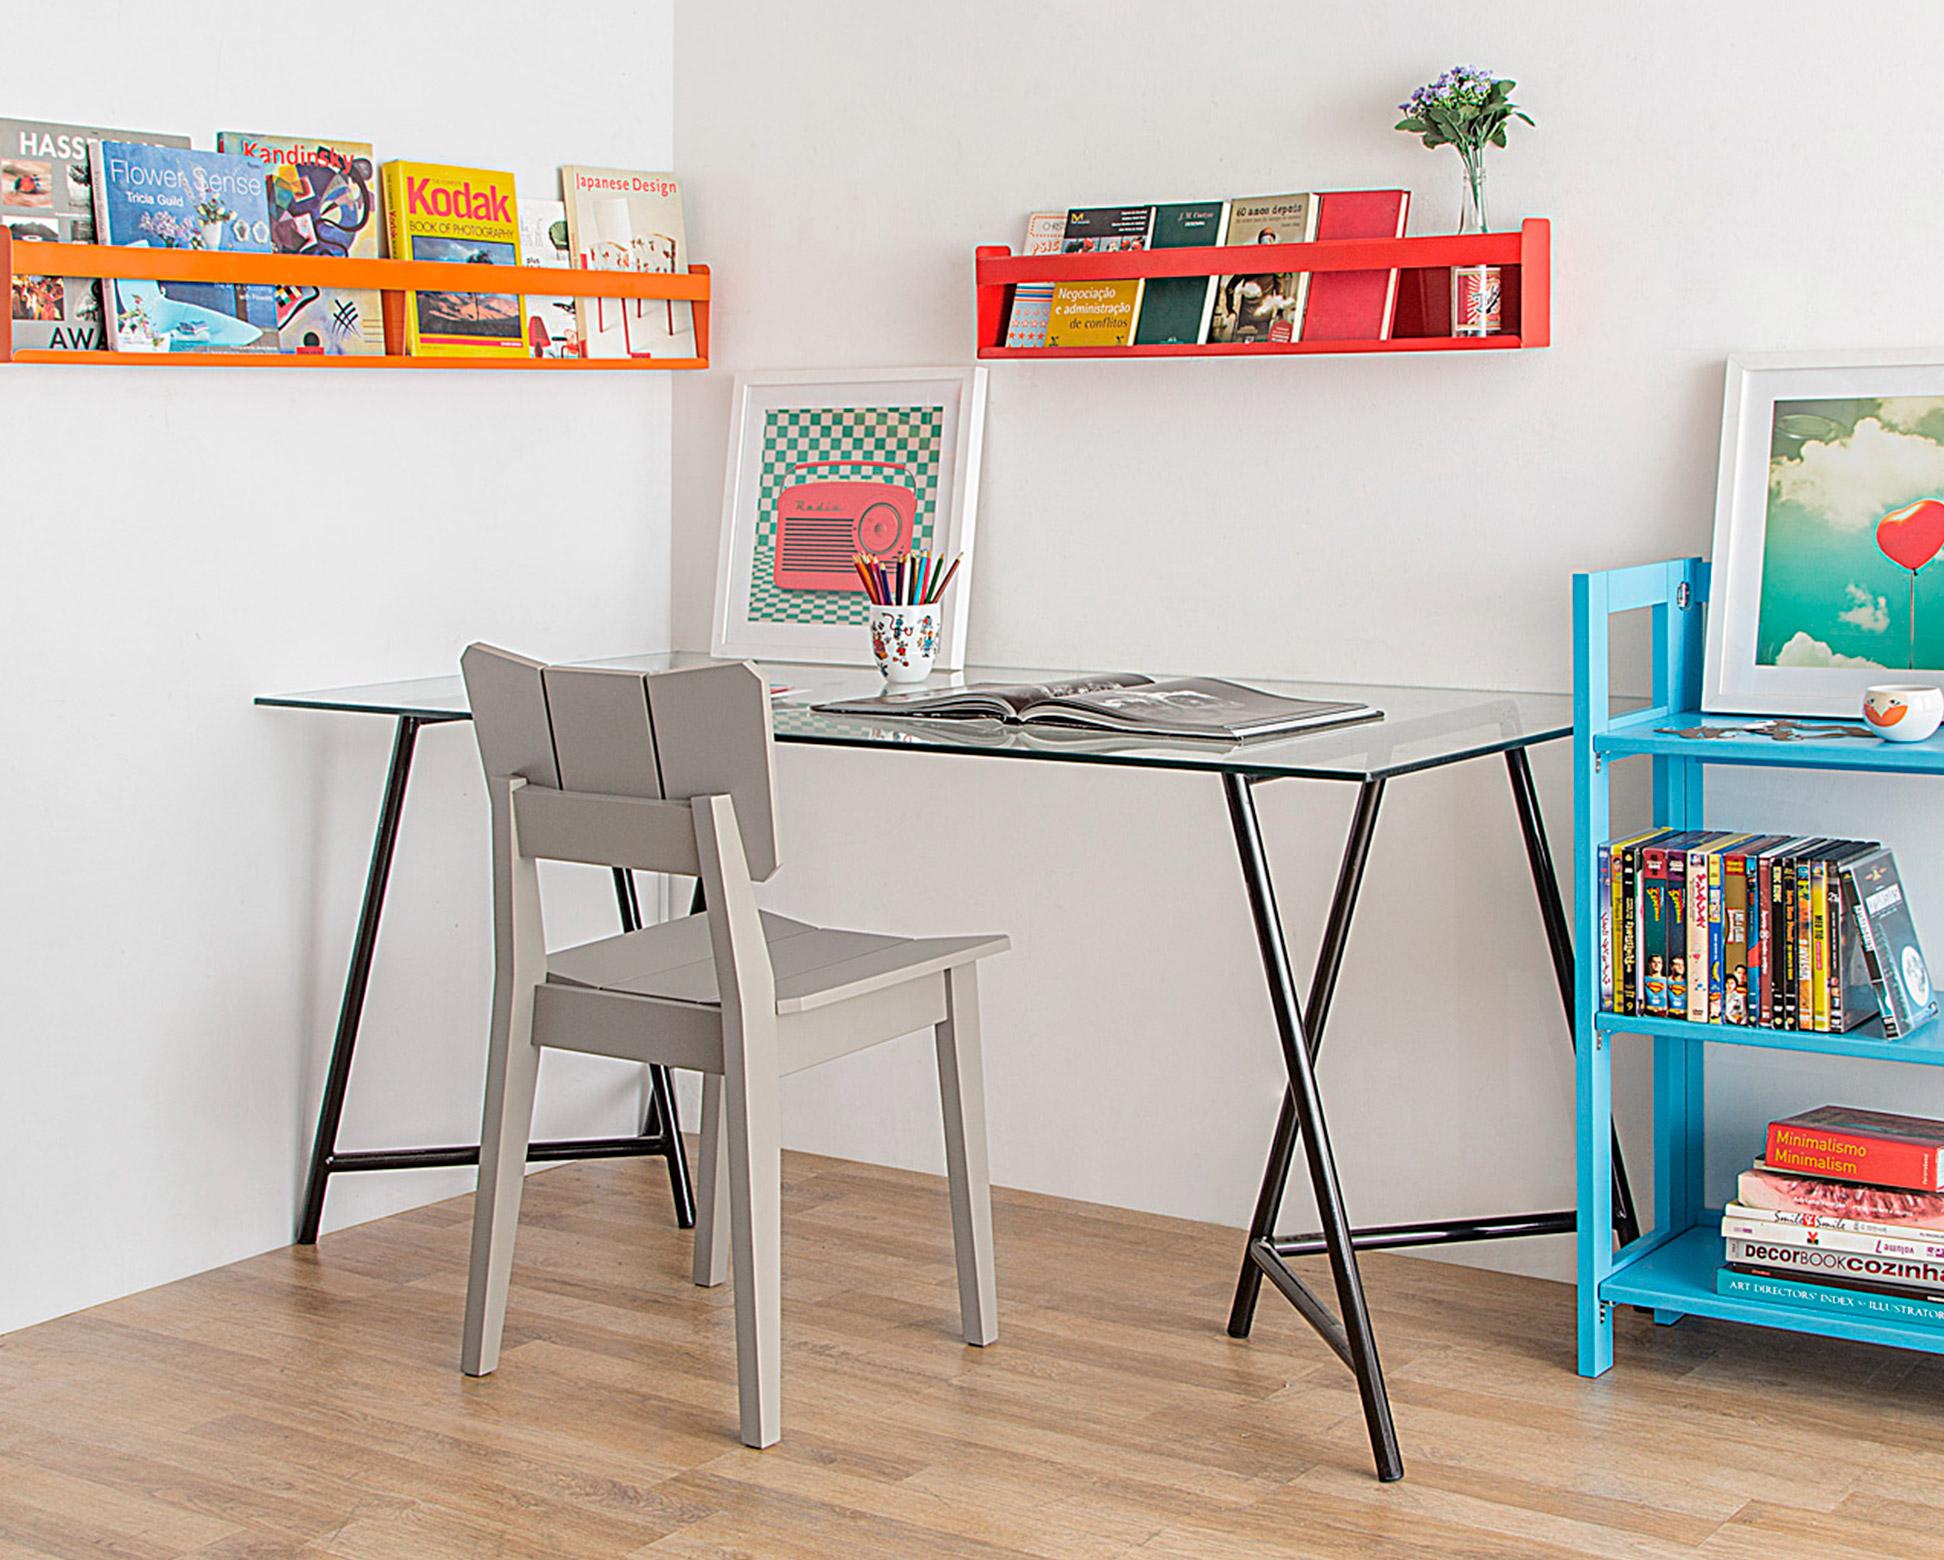 Home Office e Quarto de visitas - Ambiente integrado.   Cadeira Uma Cinza.